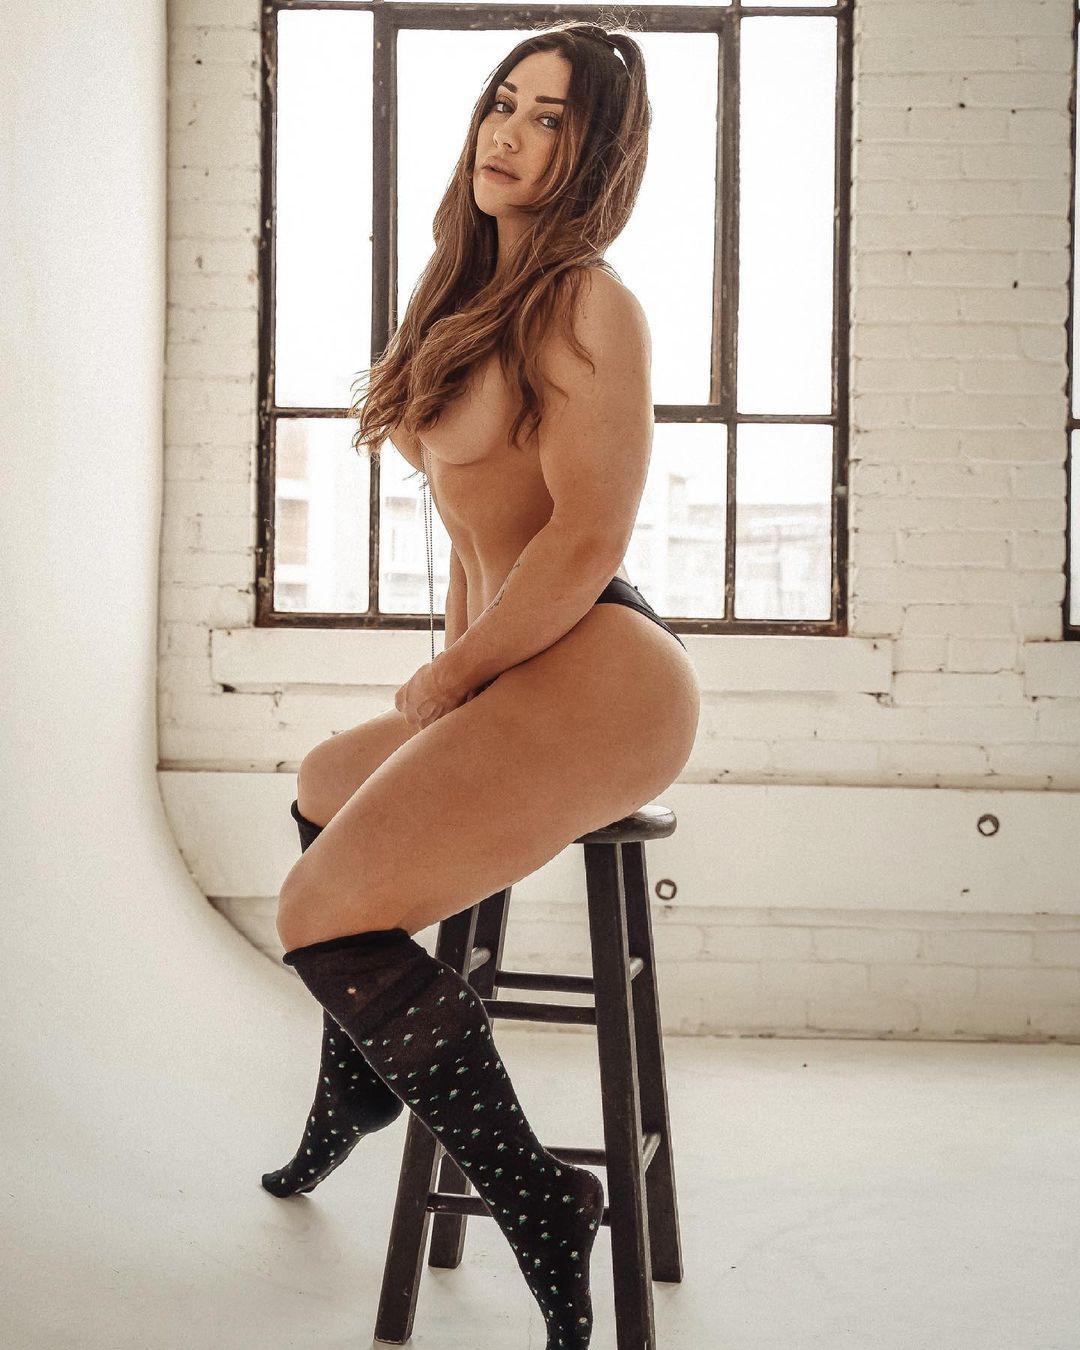 Naked ashley WHOA! Ashley